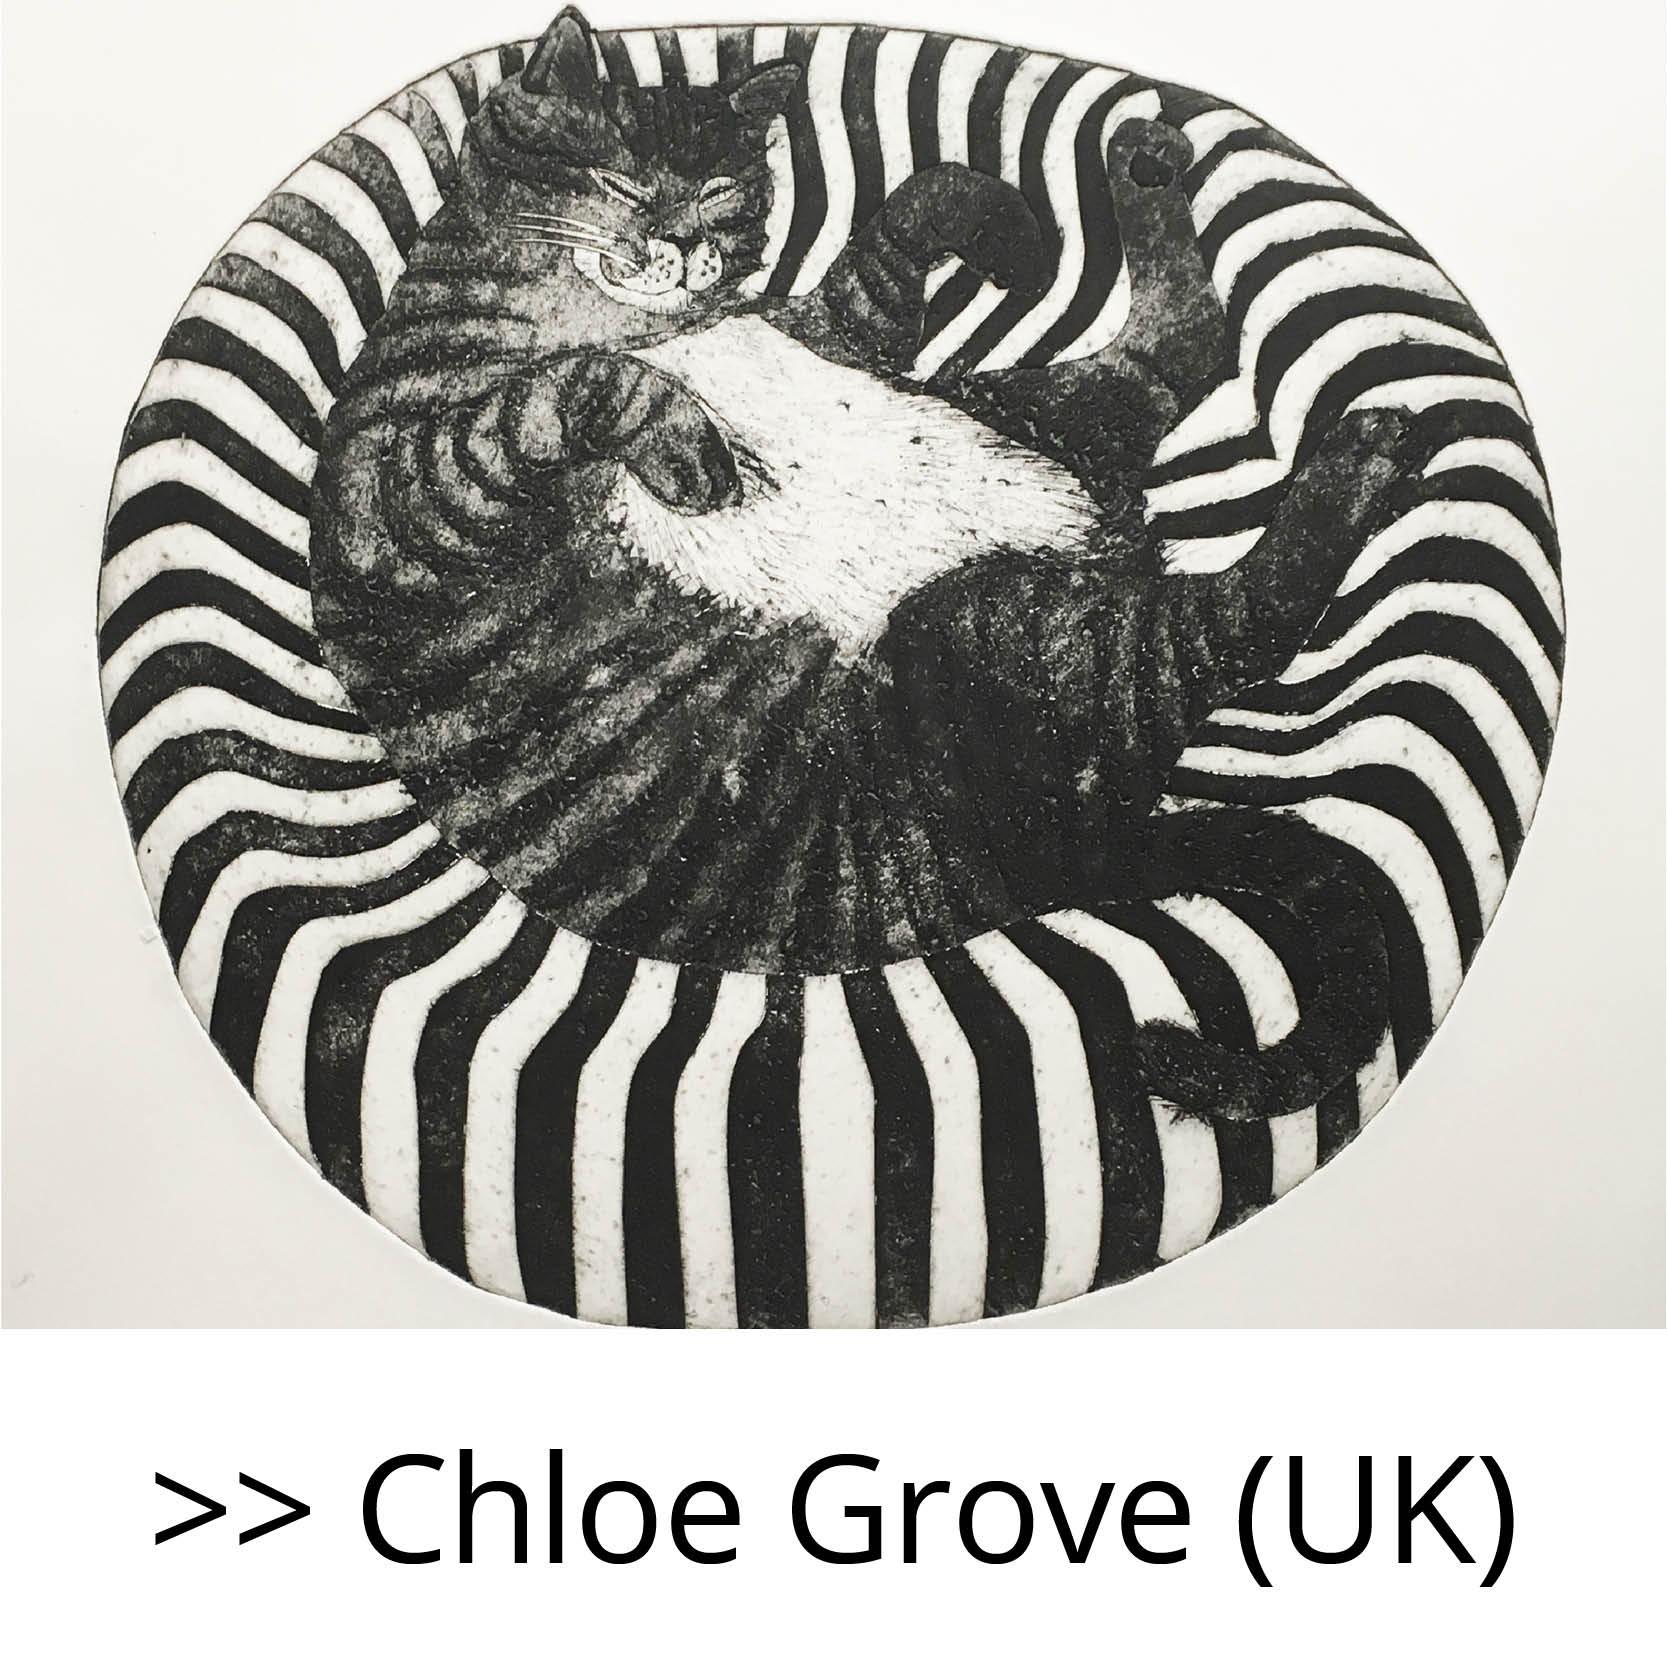 Chloe_Grove_(UK)